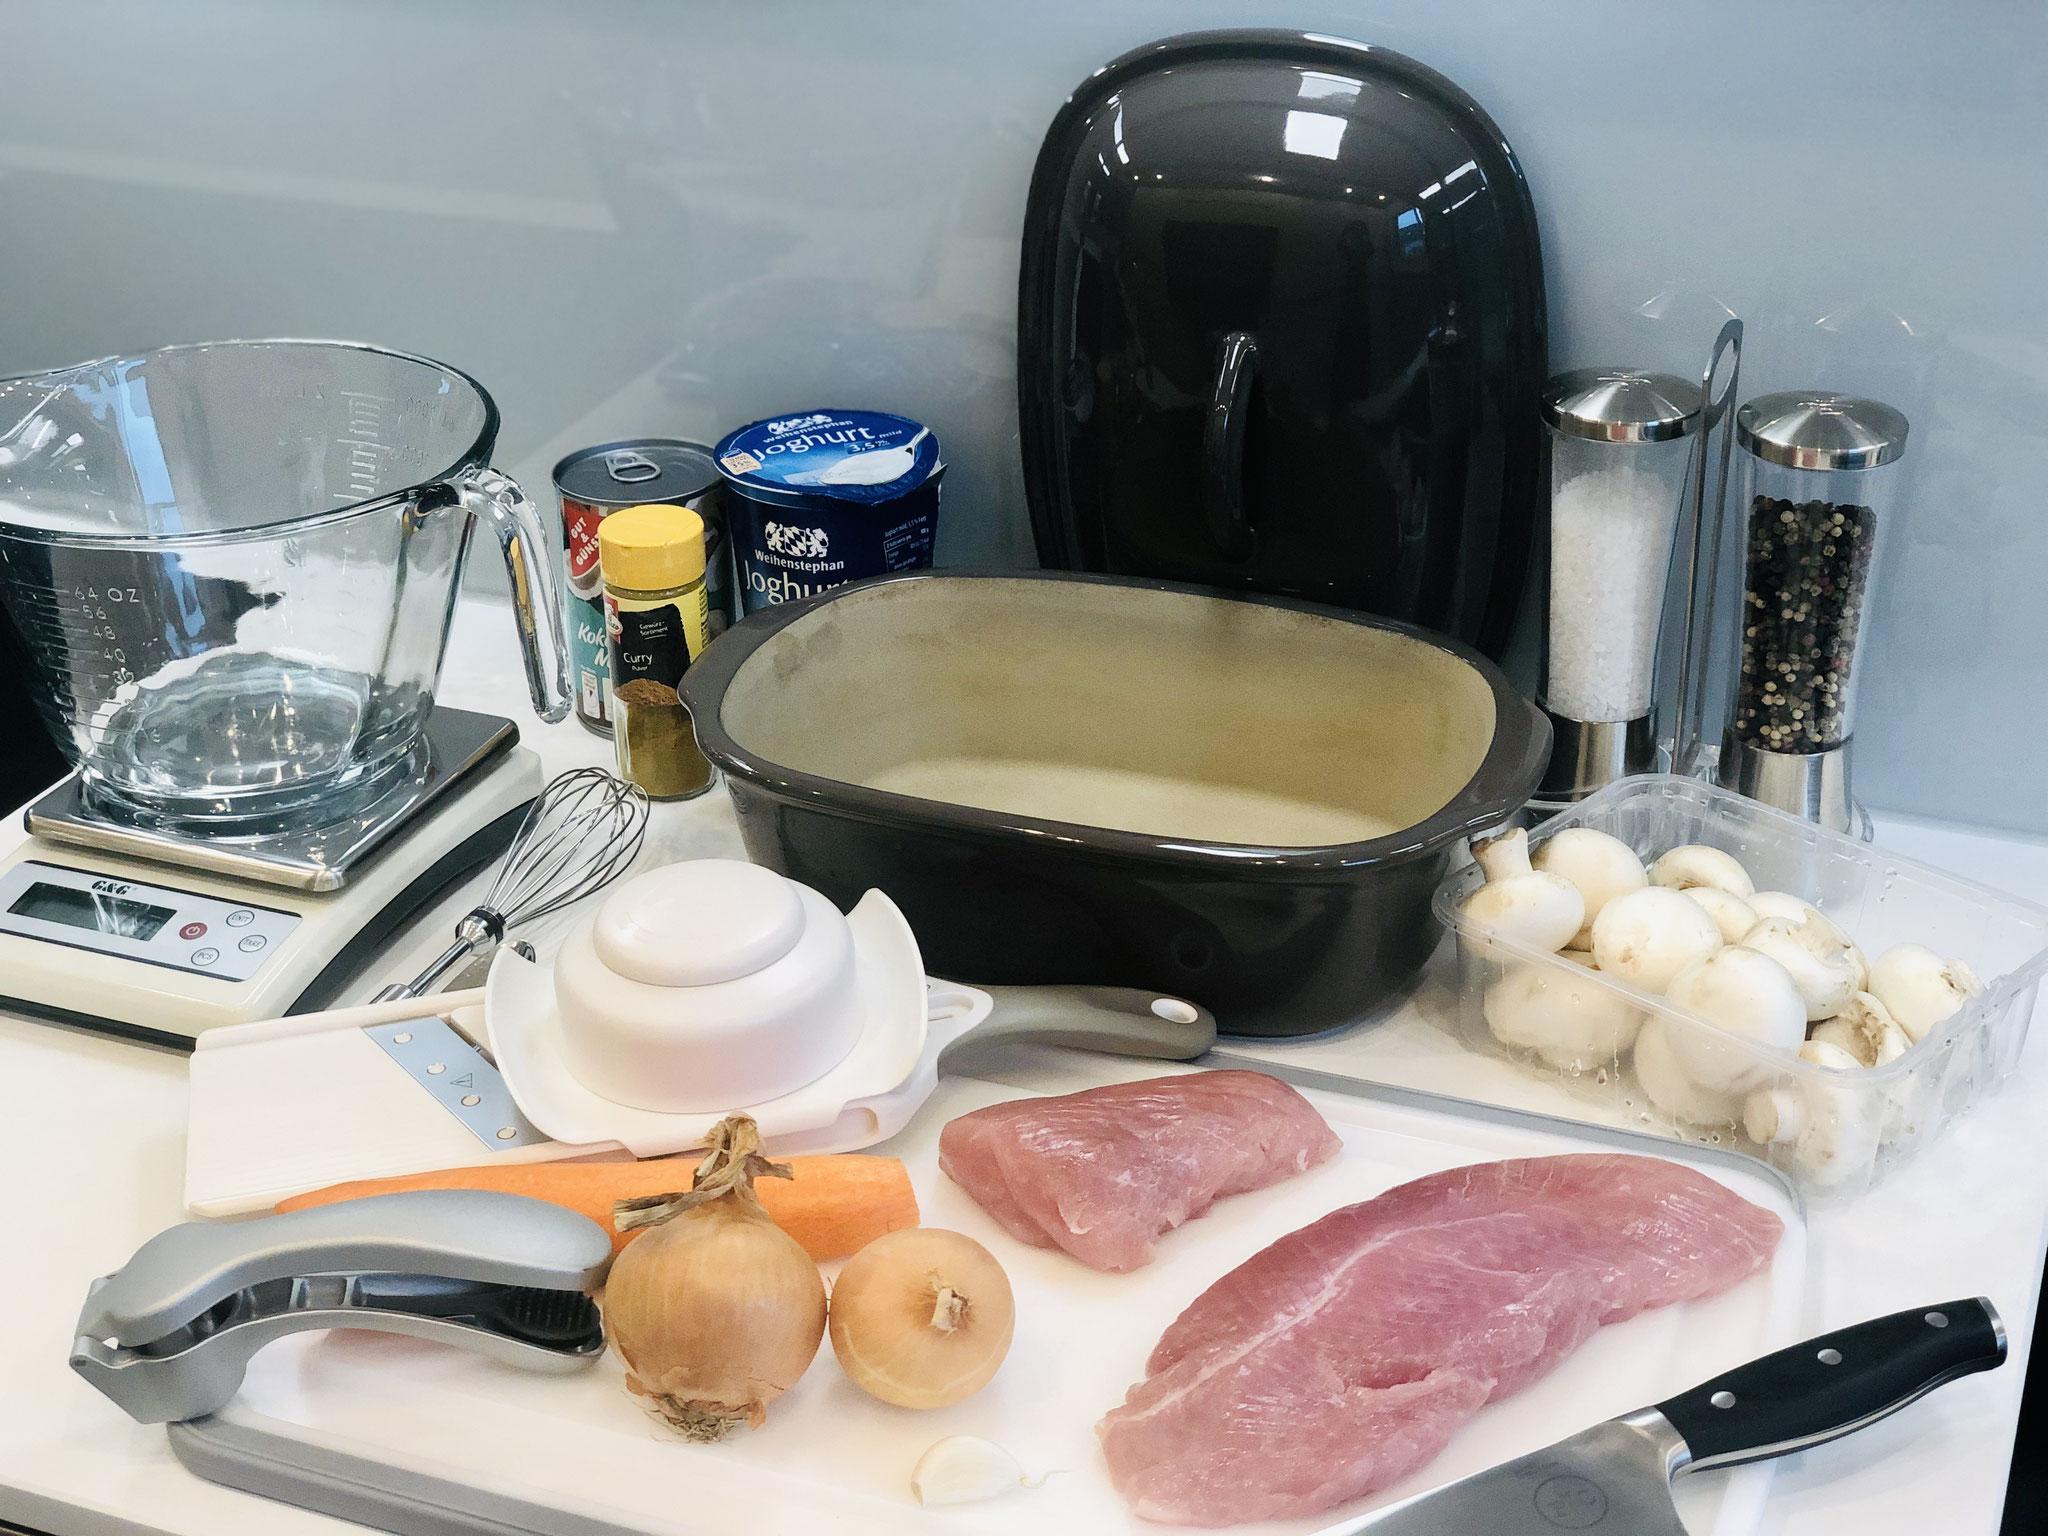 Hier siehst du meine Lebensmittel und den Ofenmeister. Heute gibt es asiatische Küche ♥